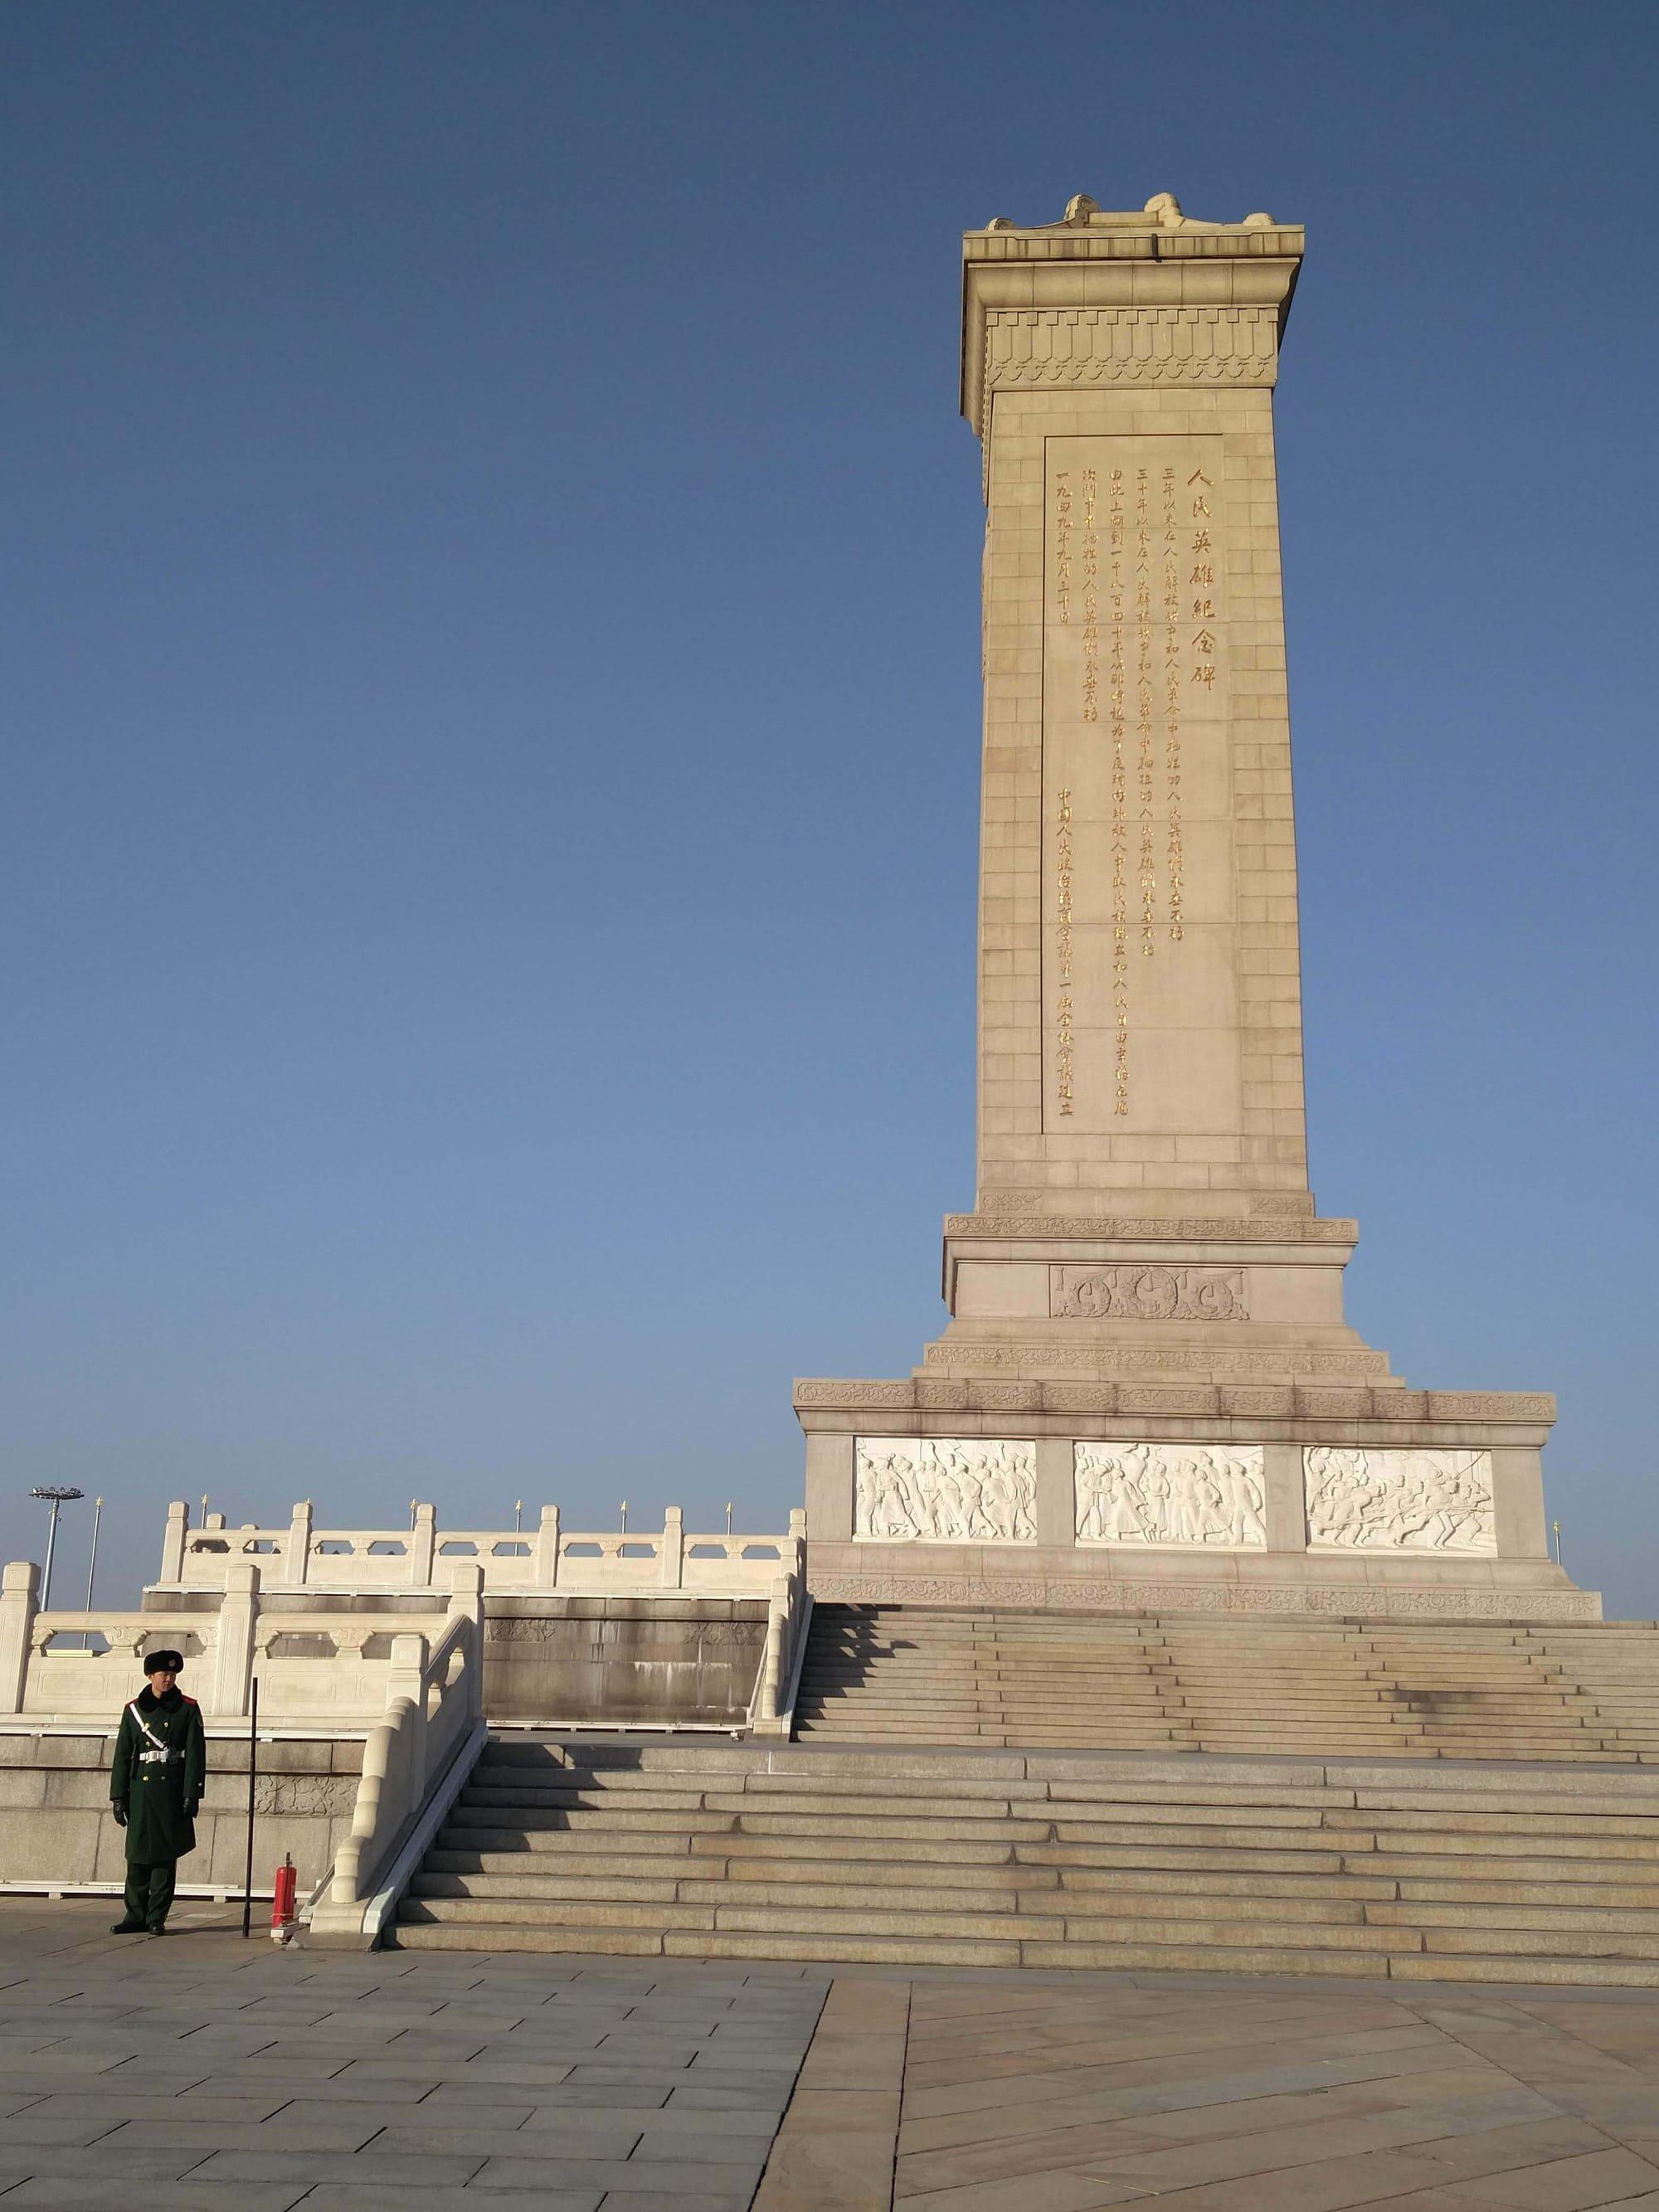 רוית רדיאן, בין ים ושמיים, כיכר טיינאנמן, אנדרטה לגיבורי העם, בייג'ין, אימון